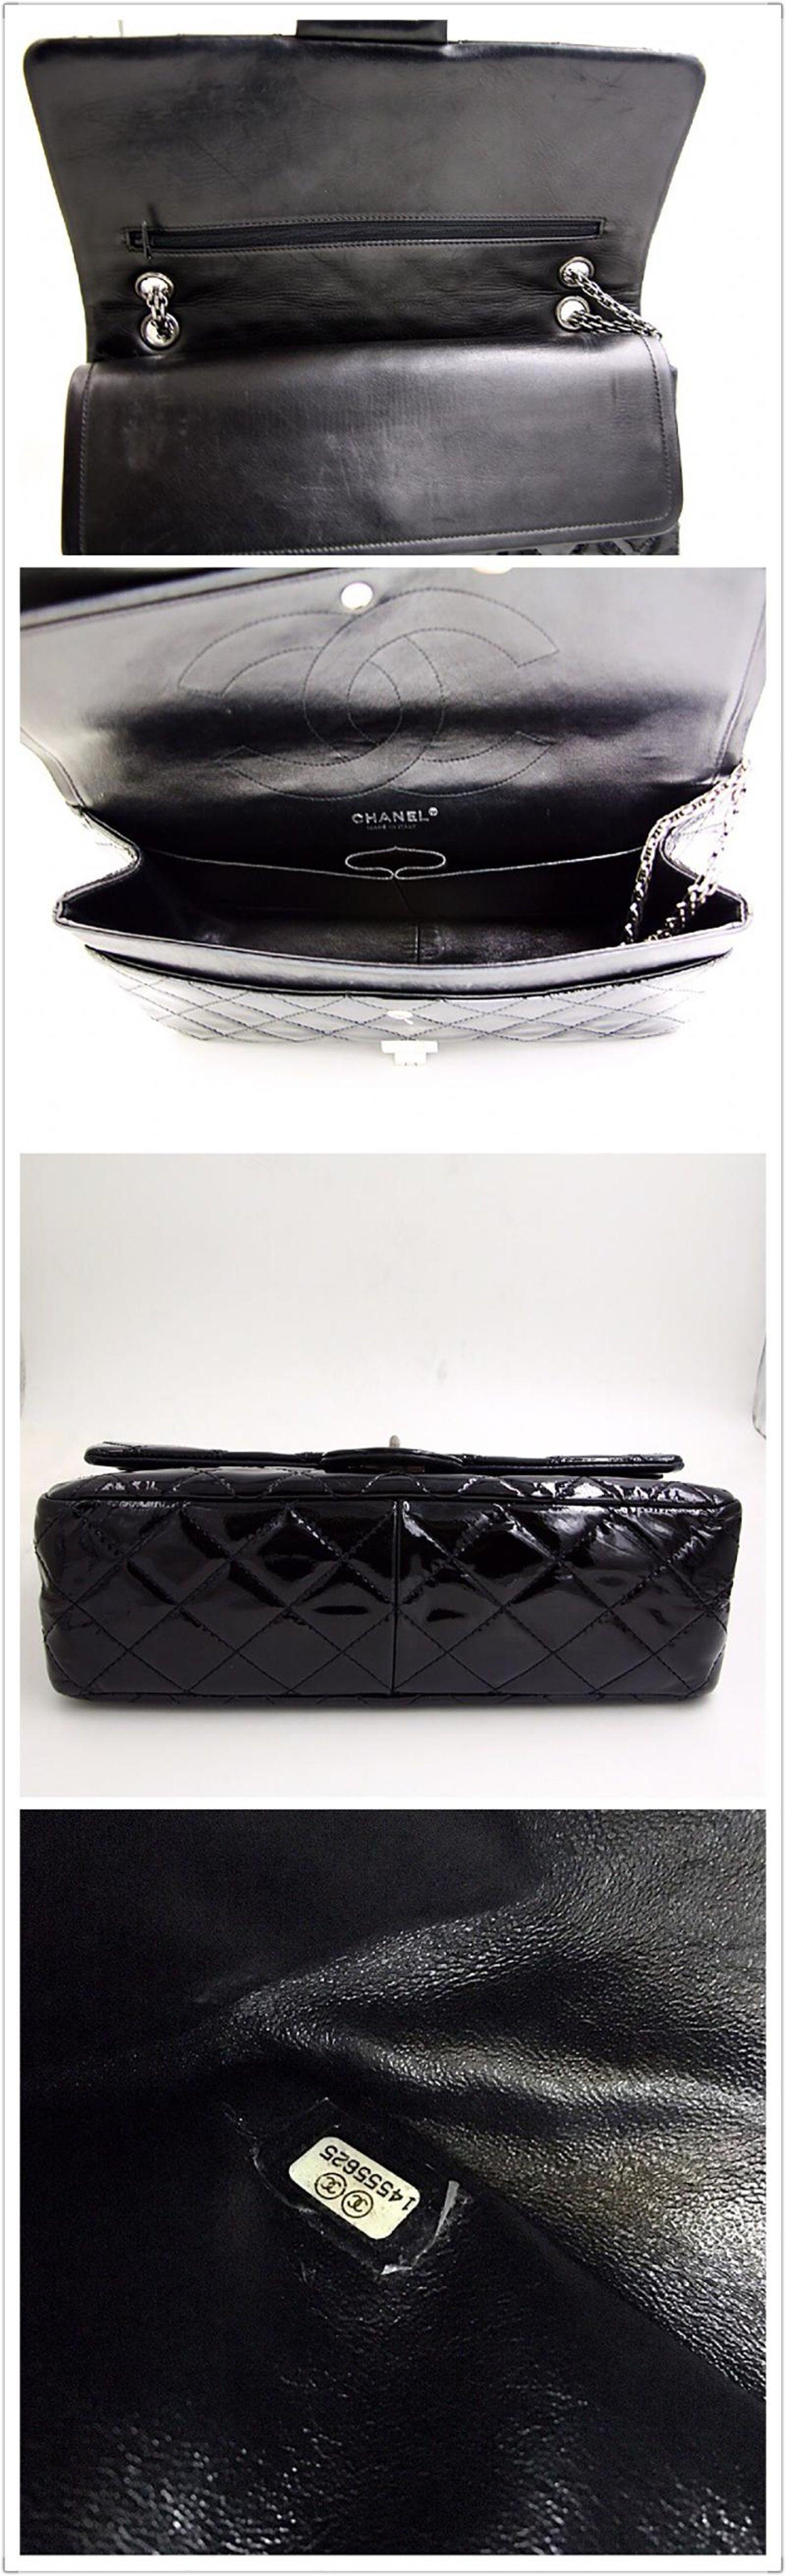 de3596d40c917b Chanel 2.55 Reissue 227 Black Patent Leather Shoulder Bag For Sale at  1stdibs